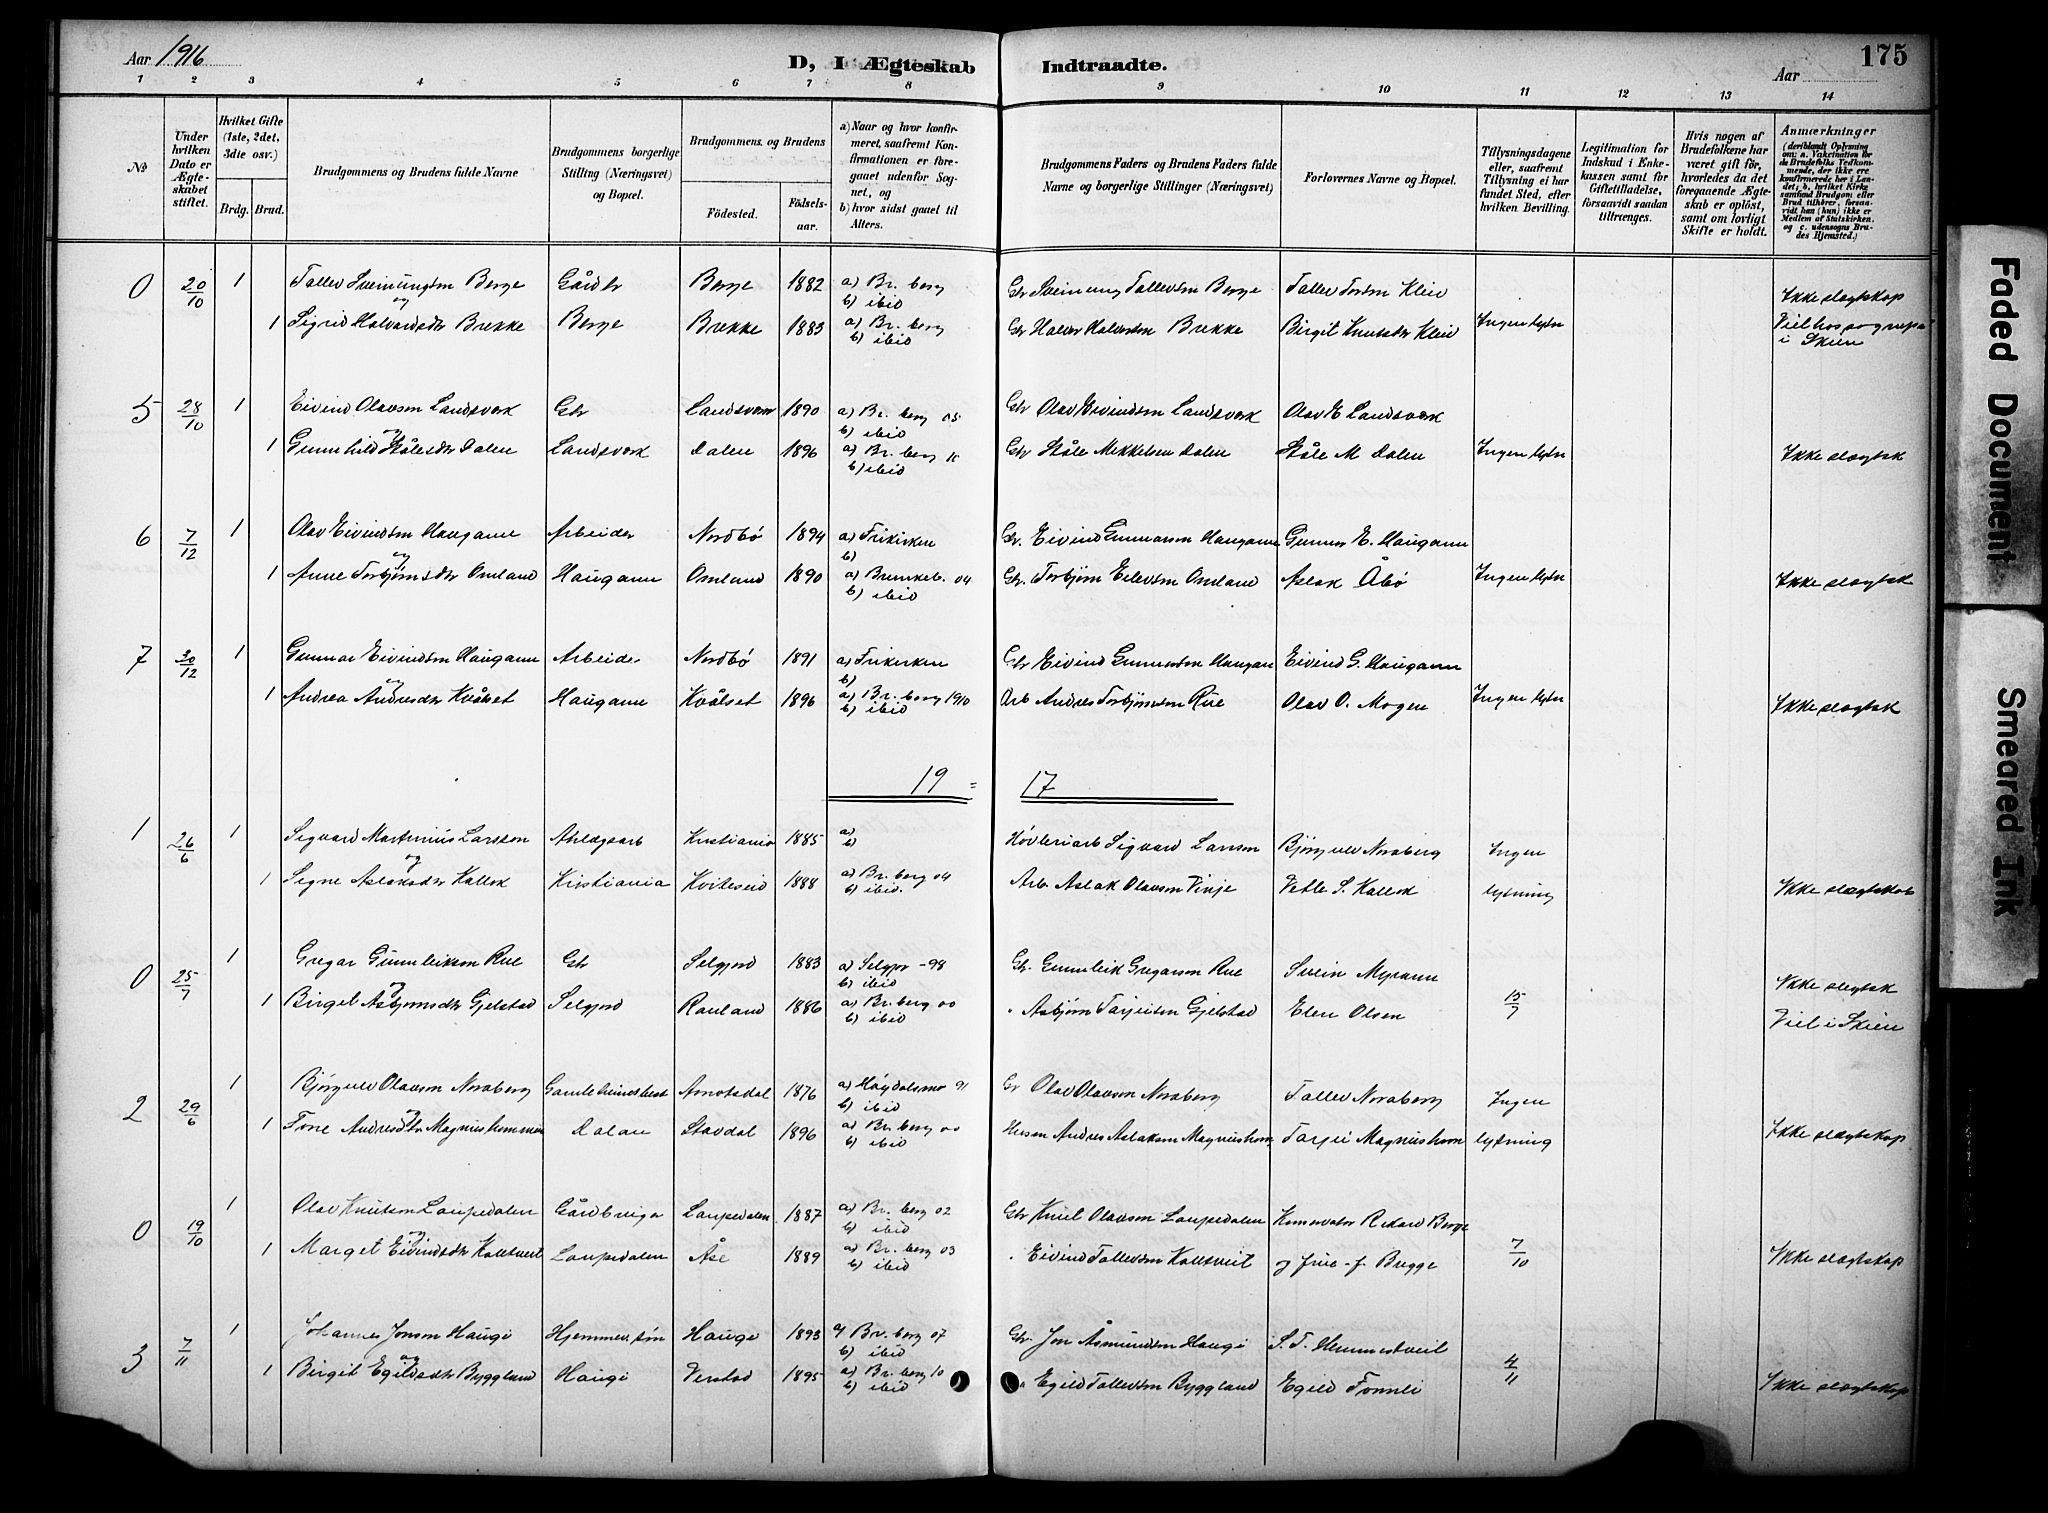 SAKO, Kviteseid kirkebøker, G/Gb/L0003: Klokkerbok nr. II 3, 1893-1933, s. 175